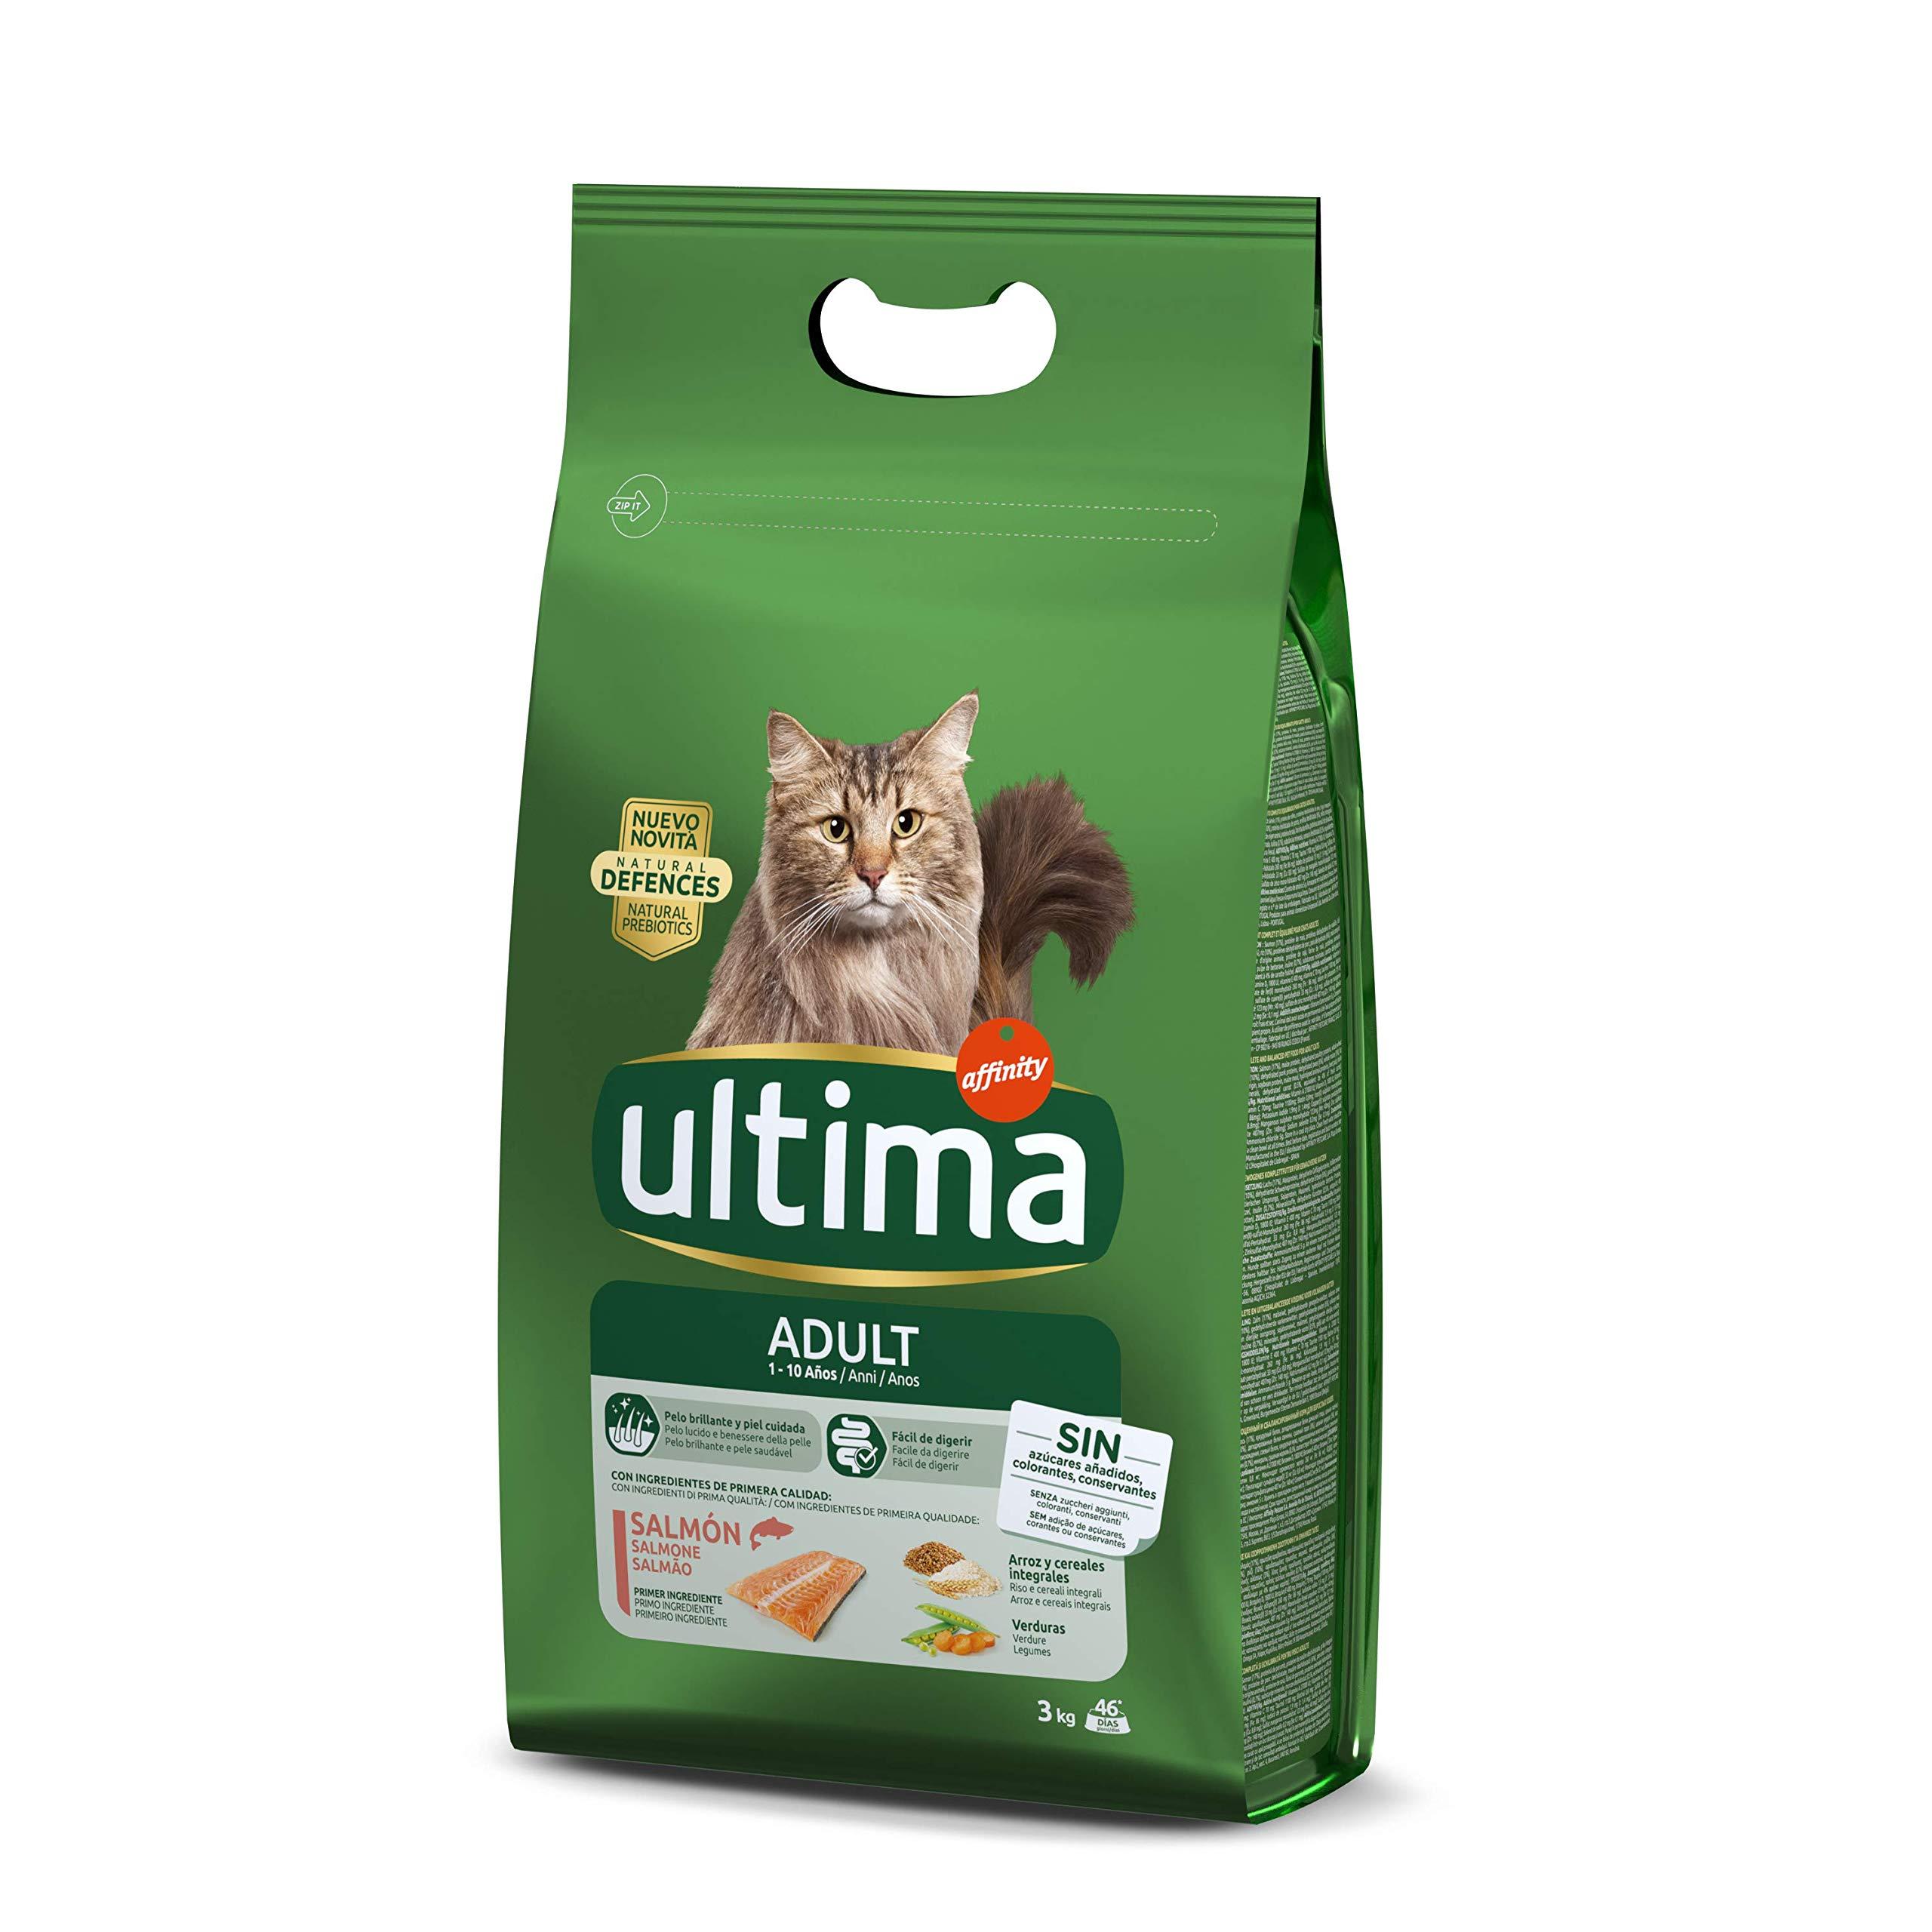 Ultima Pienso para gatos adultos con salmón - 3 kg: Amazon.es ...